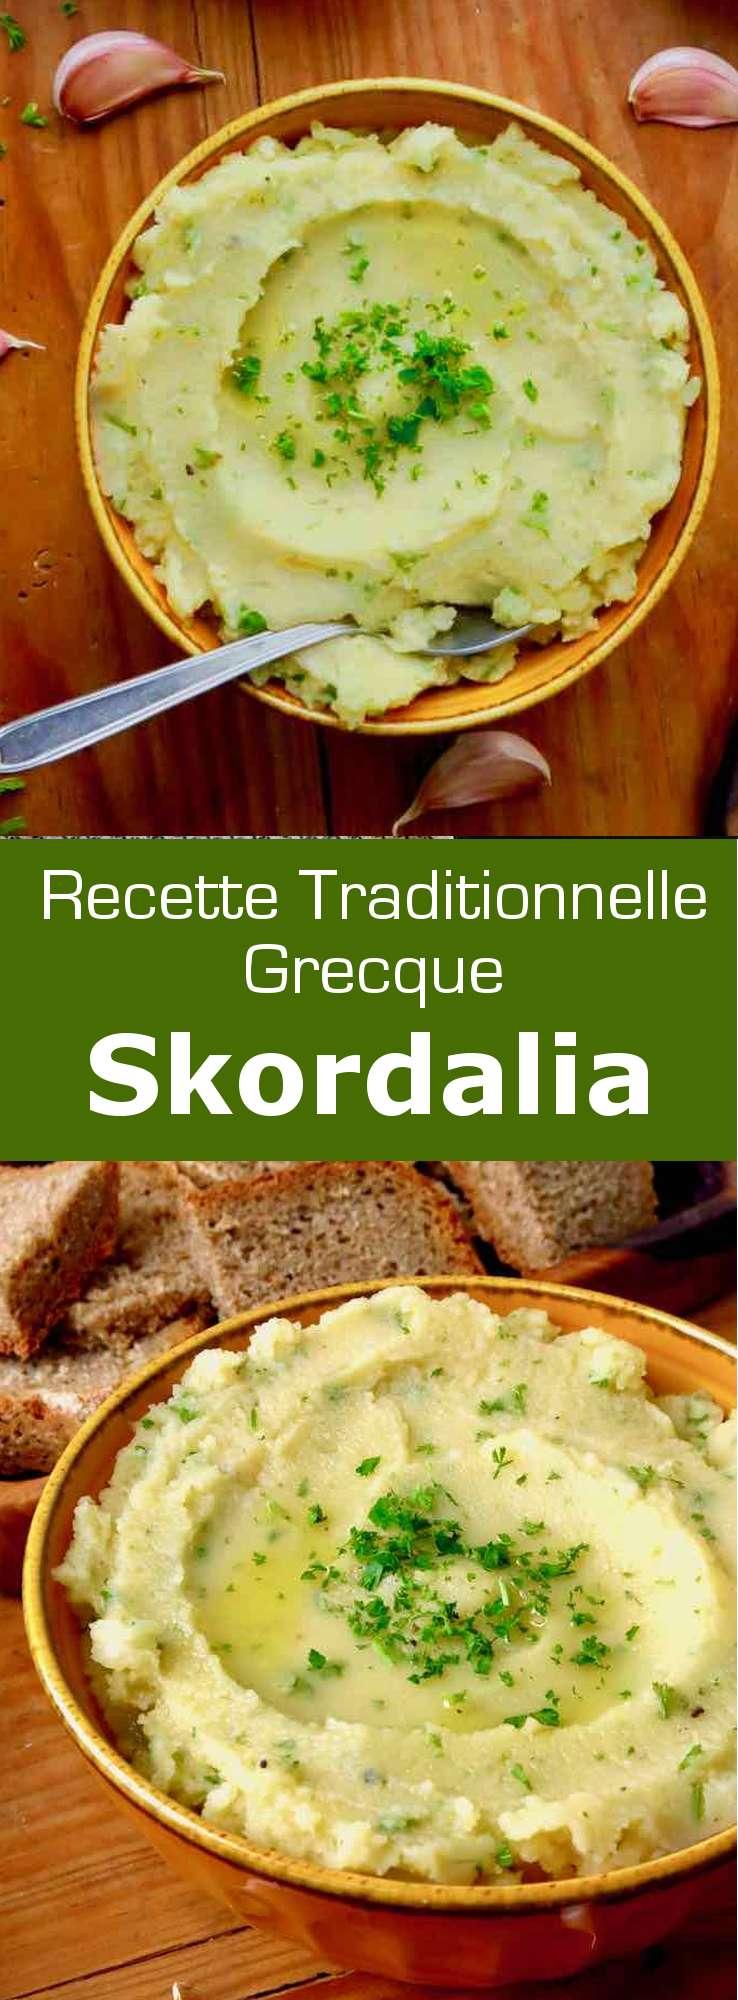 La skordalia, skordhalia ou skorthalia (σκορδαλιά) est un mezze ou plat d'accompagnement traditionnel grec à base de purée de pommes de terre à l'ail. #Grece #RecetteGrecque #CuisineGrecque #CuisineMediterraneenne #CuisineDuMonde #196flavors